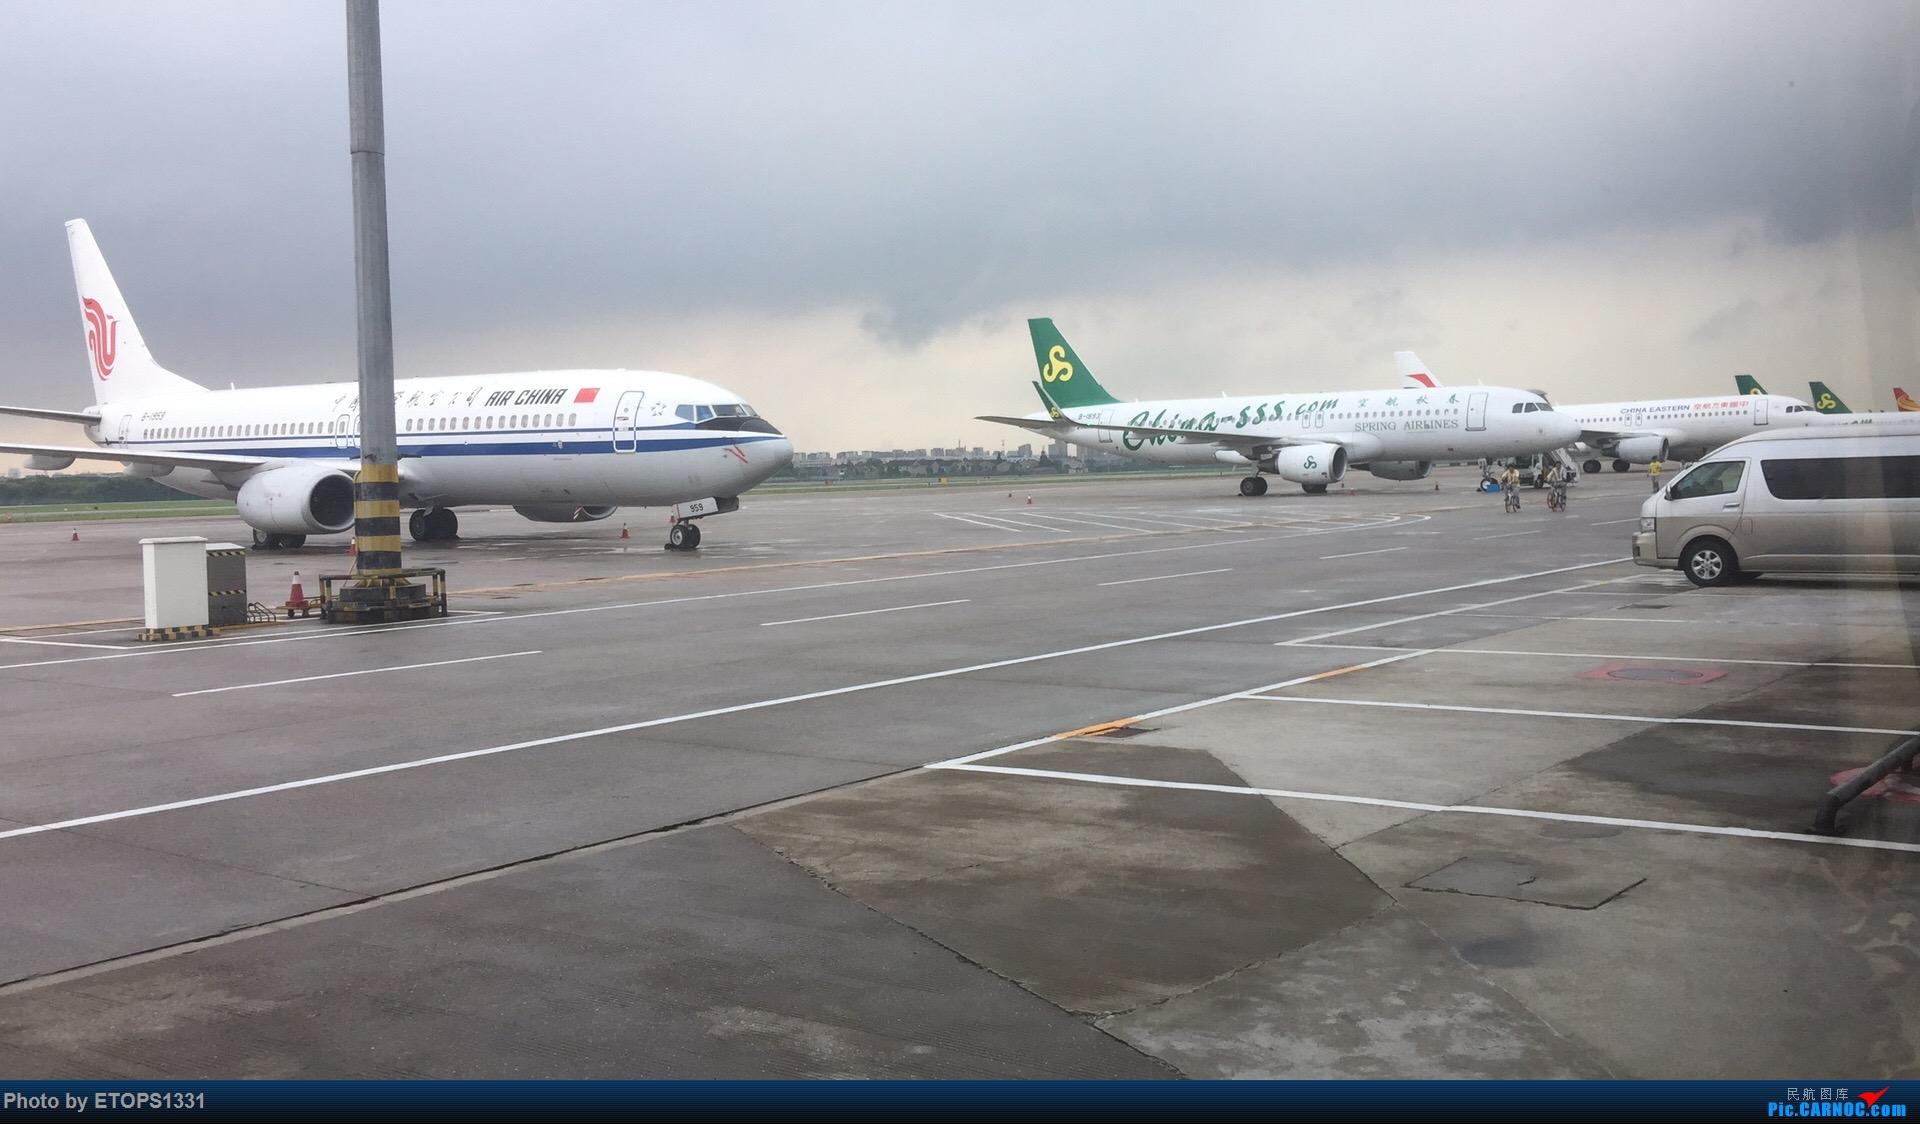 [原创]NGB远机位一景    中国宁波栎社国际机场